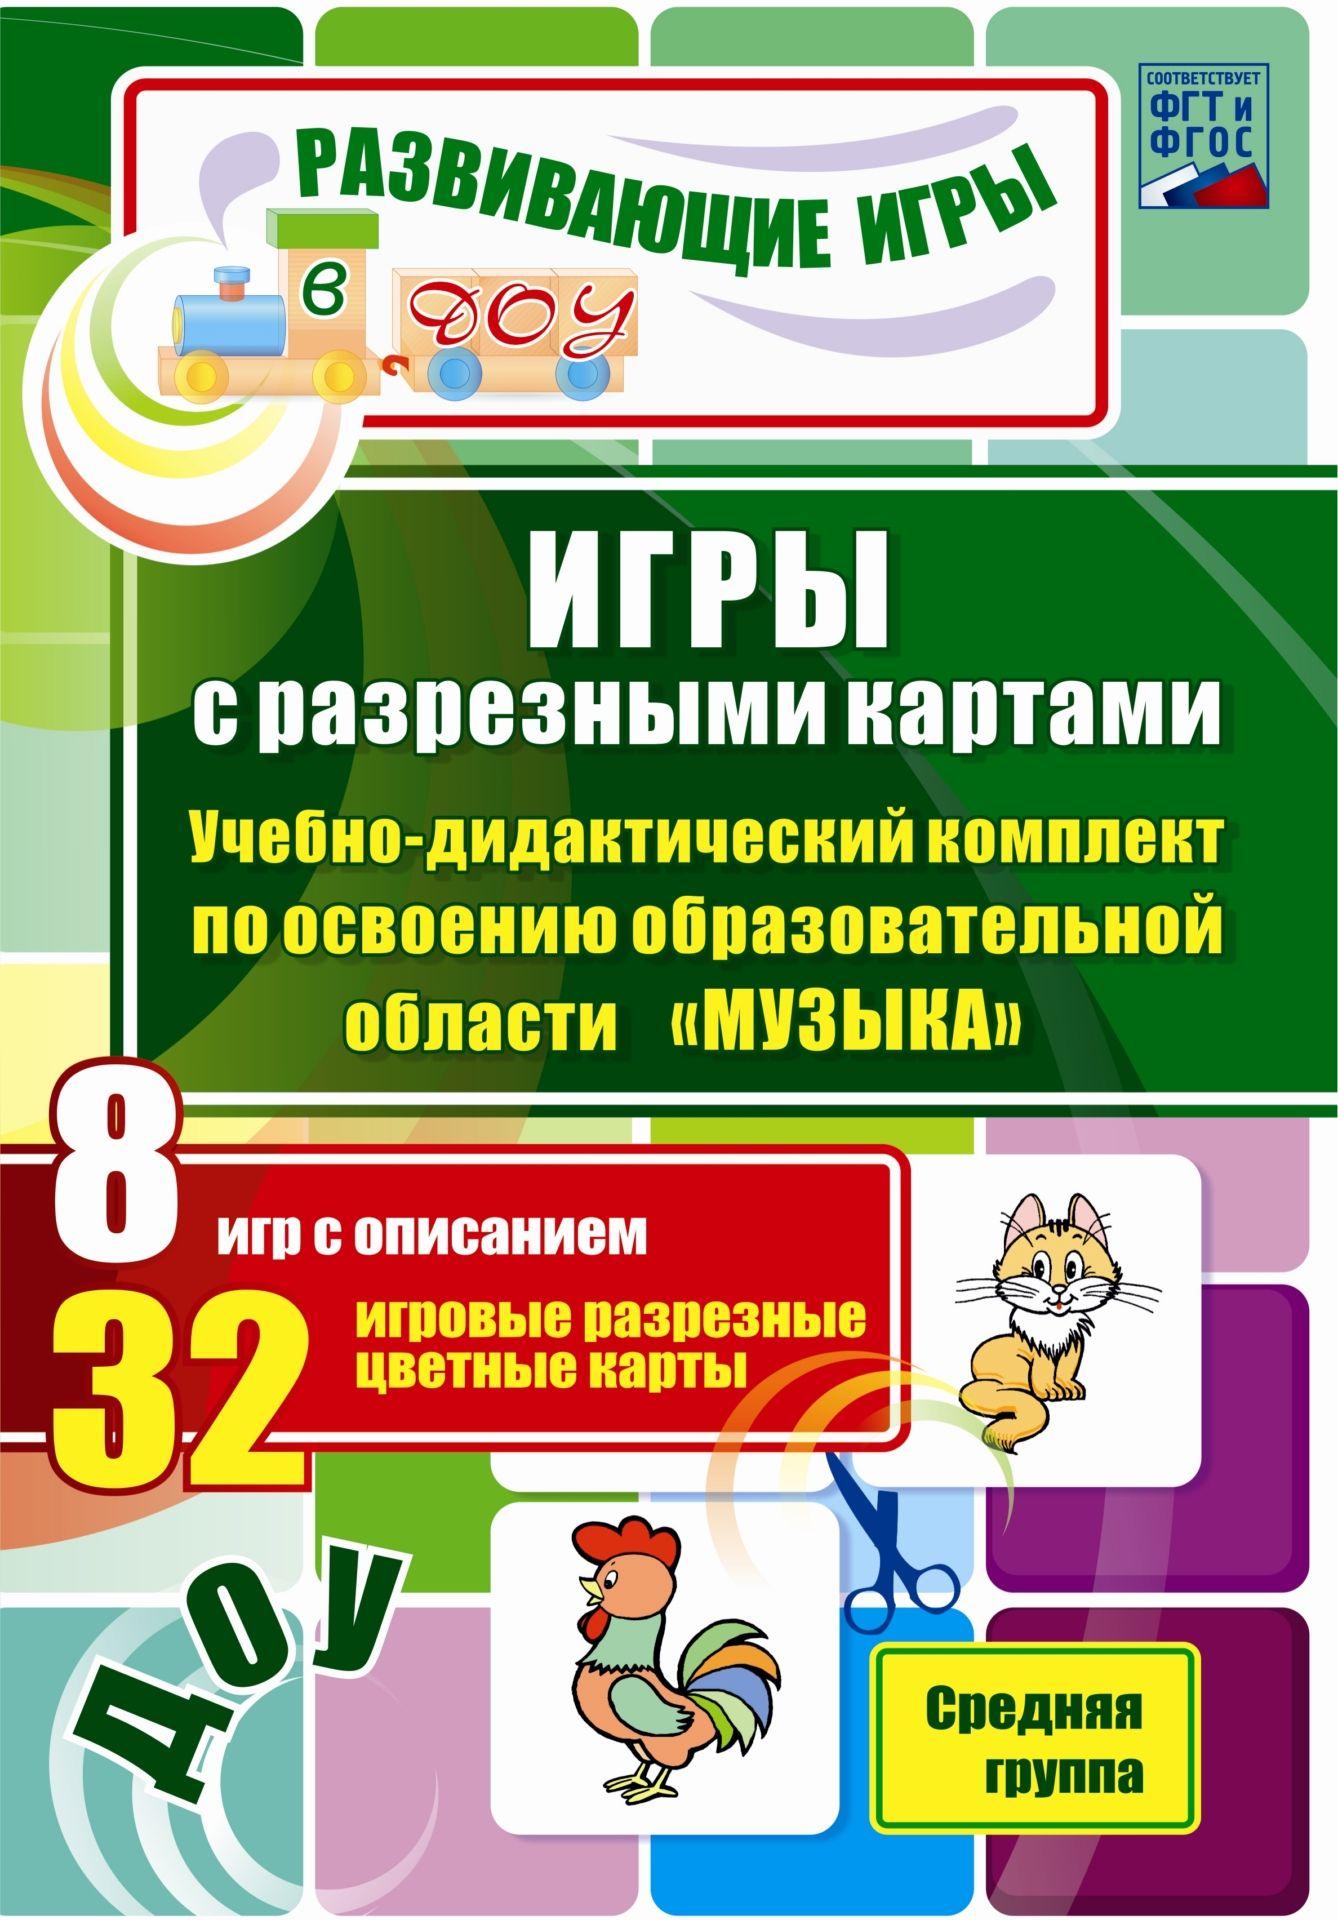 Игры с разрезными картами. Учебно-дидактический комплект по освоению образовательной области Музыка: 8 игр с описанием. 32 игровые разрезные цветные карты. Средняя группаОбразовательное пространство ДОО<br>Учебно-дидактический комплект, составленный с учетом ФГОС ДО на основе практического опыта работы, поможет реализовать базисное содержание образовательной области Художественно-эстетическое развитие с детьми средней группы.В пособии представлены 8 игр с...<br><br>Авторы: Гладышева Н. Н., Переверзева Т. А.<br>Год: 2014<br>Серия: Развивающие игры в ДОУ<br>ISBN: 978-5-7057-3647-8<br>Высота: 290<br>Ширина: 200<br>Толщина: 8<br>Переплёт: мягкая, склейка